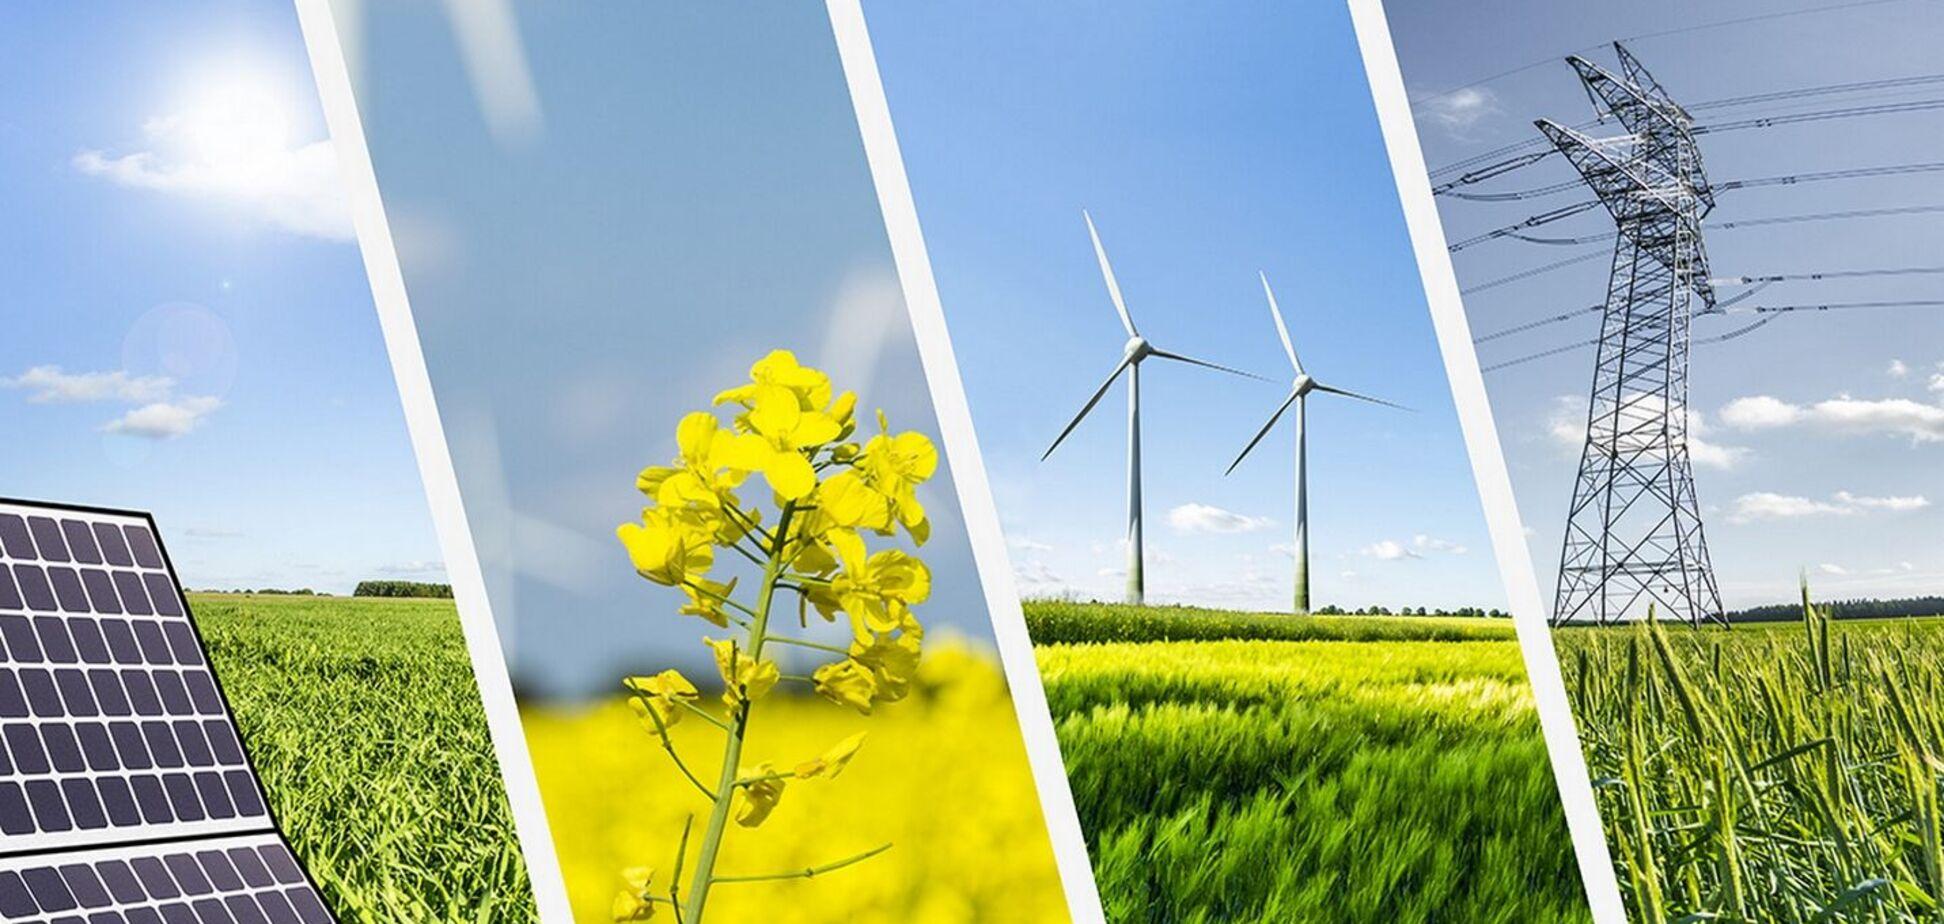 За даними Міністерства енергетики, в Україні з початку року вироблено понад 10% чистої енергії